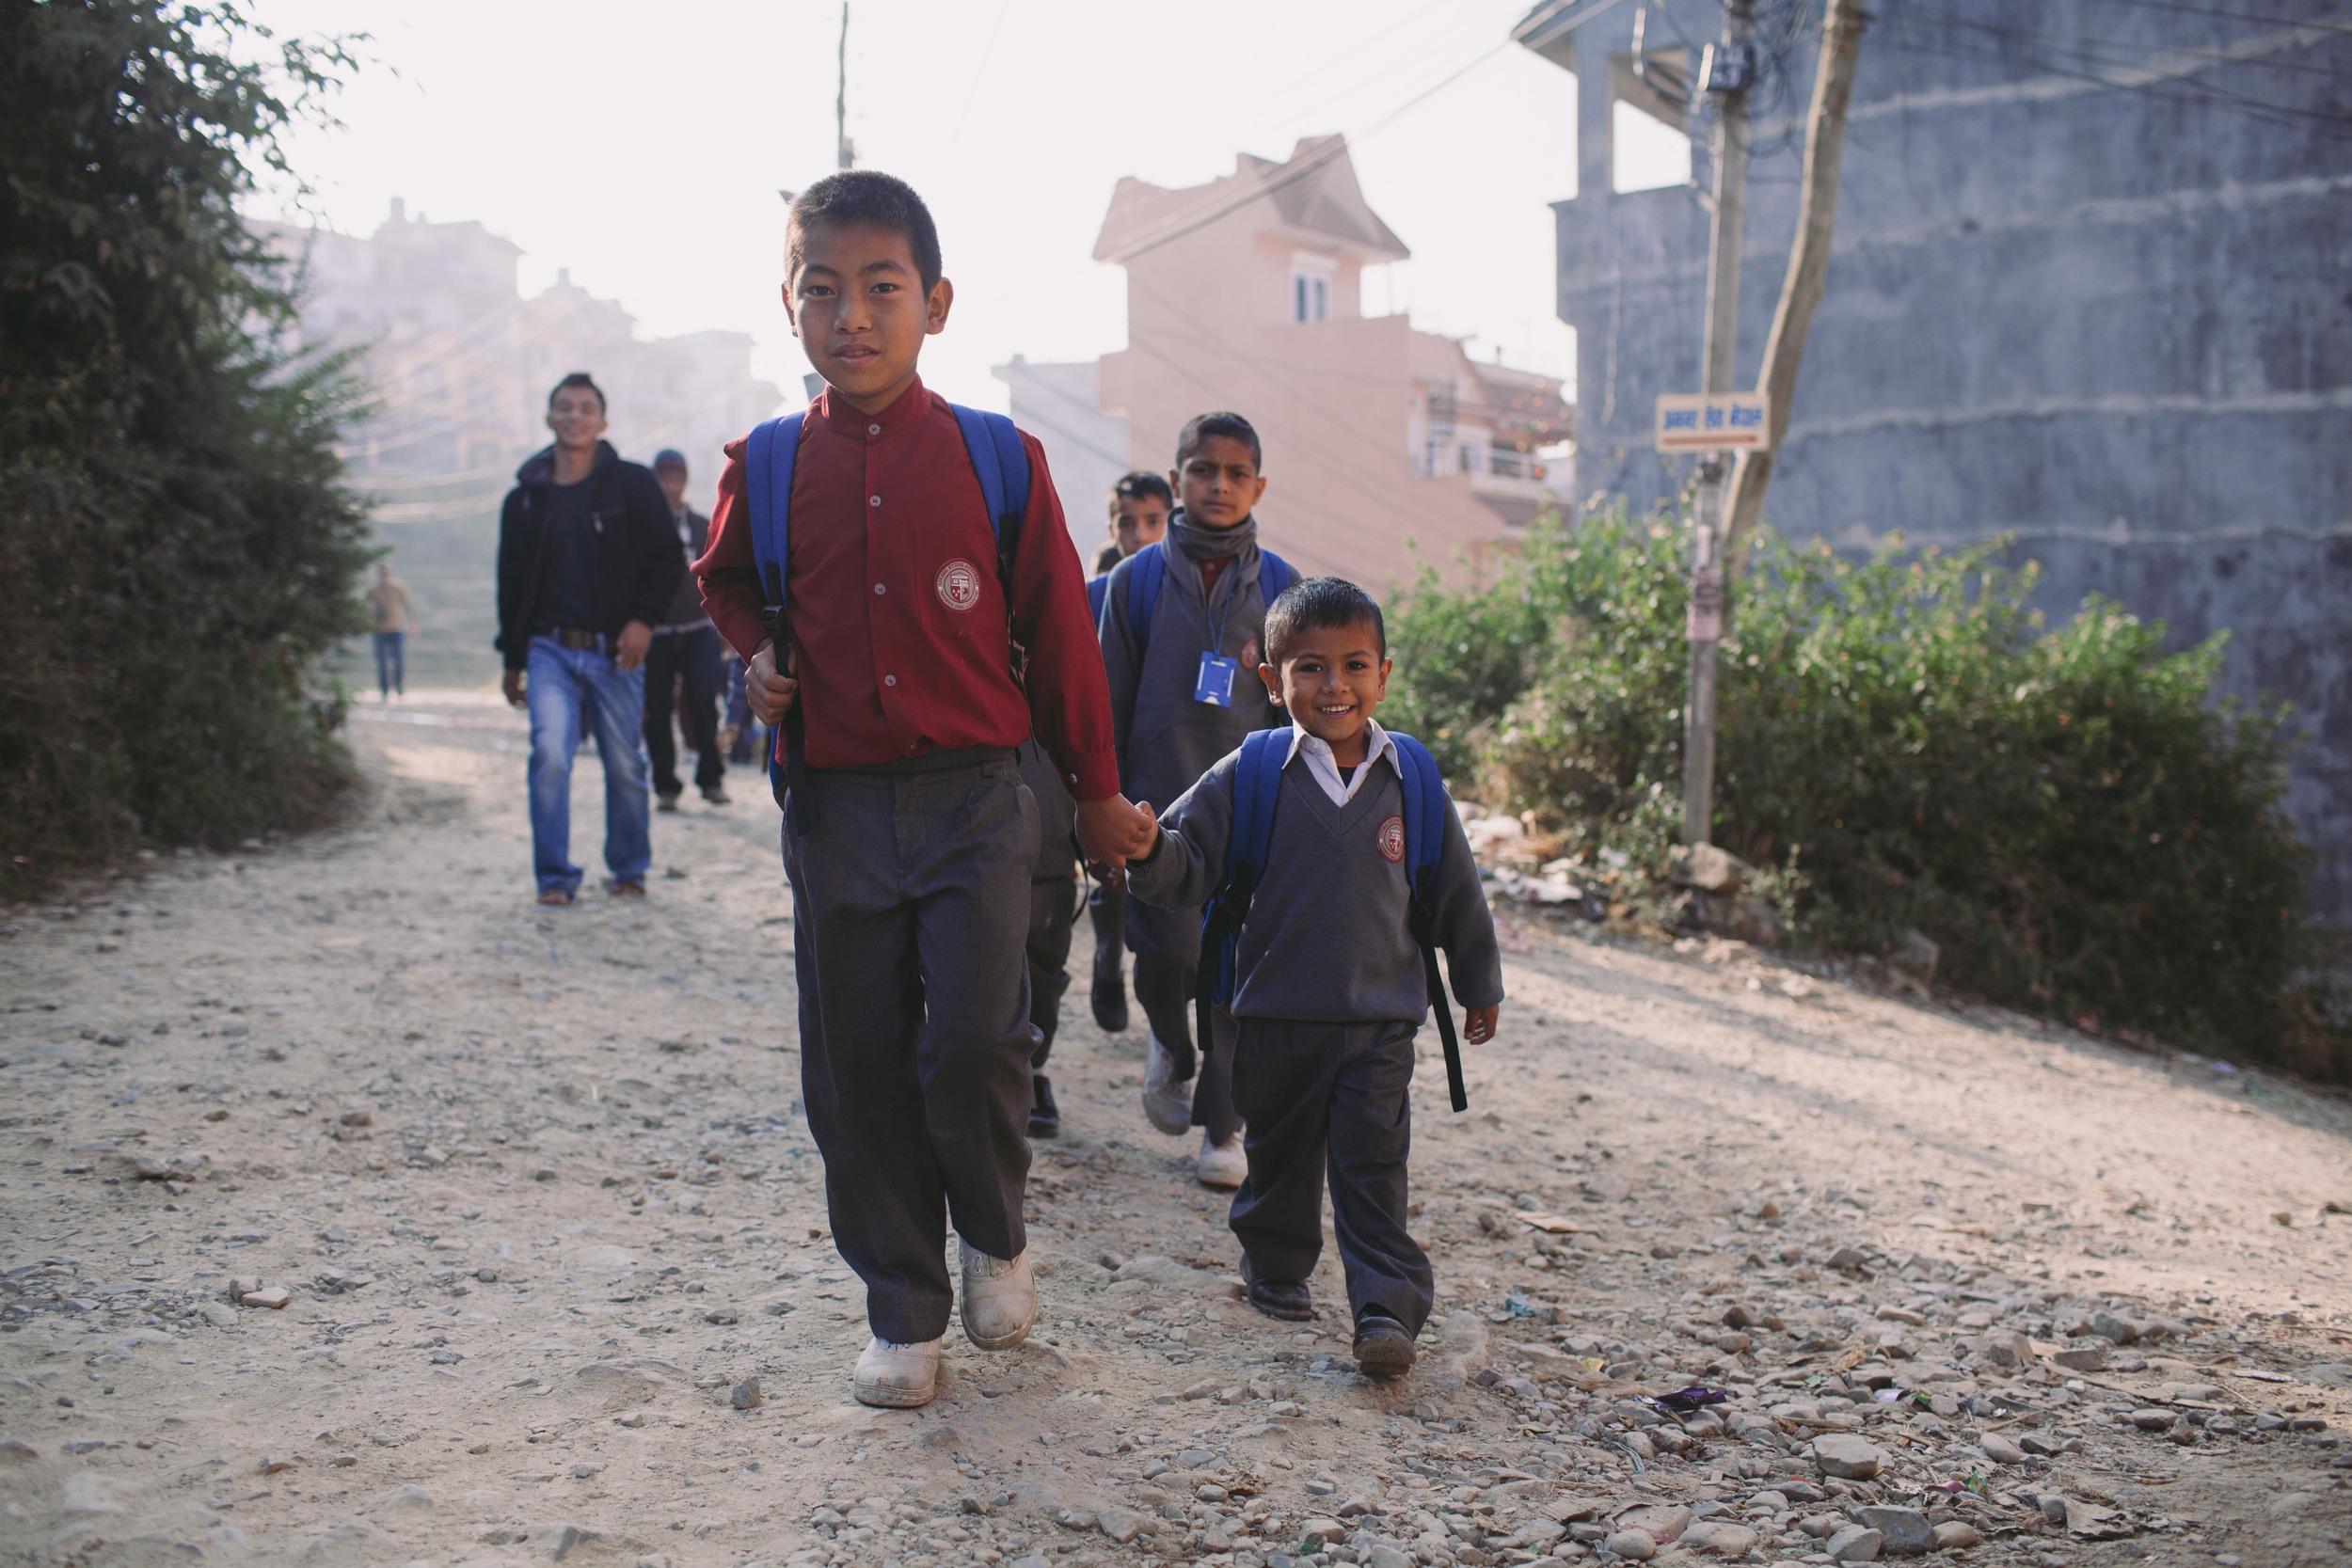 Nepal_11072013-38.jpg